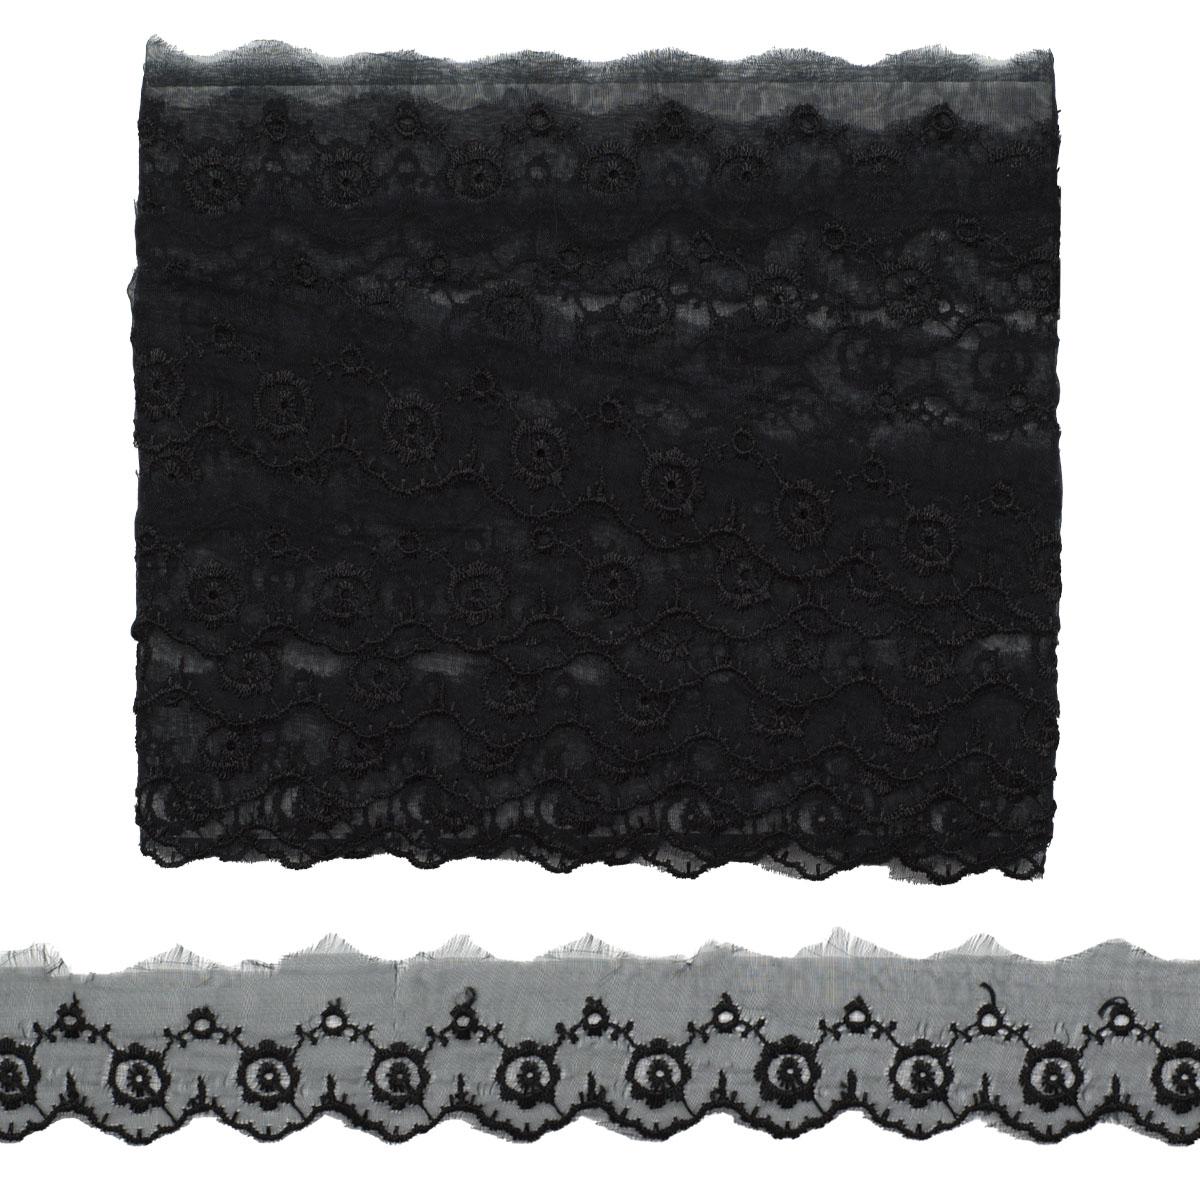 Кружево капрон 3,6см*6,8 м (+/- 4 см) 0574-1019, черный